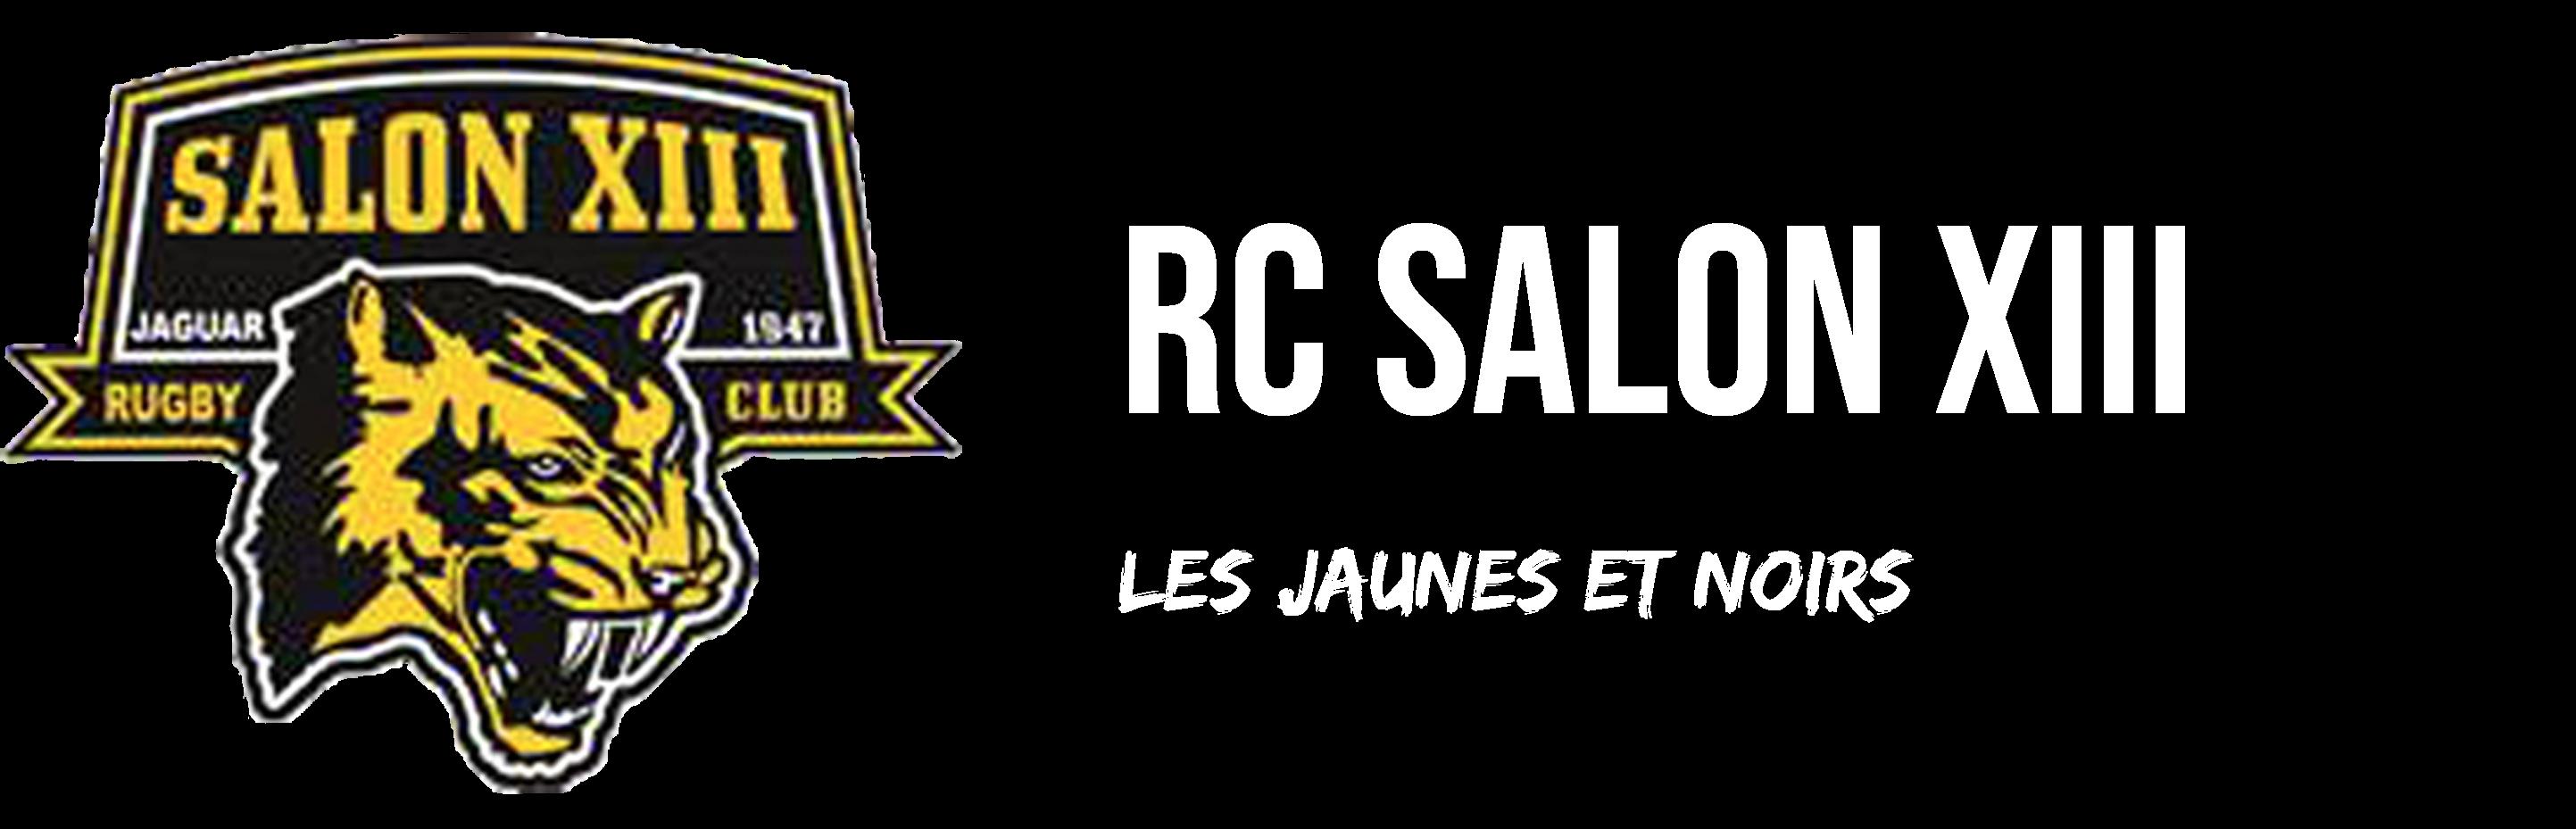 RC SALON XIII